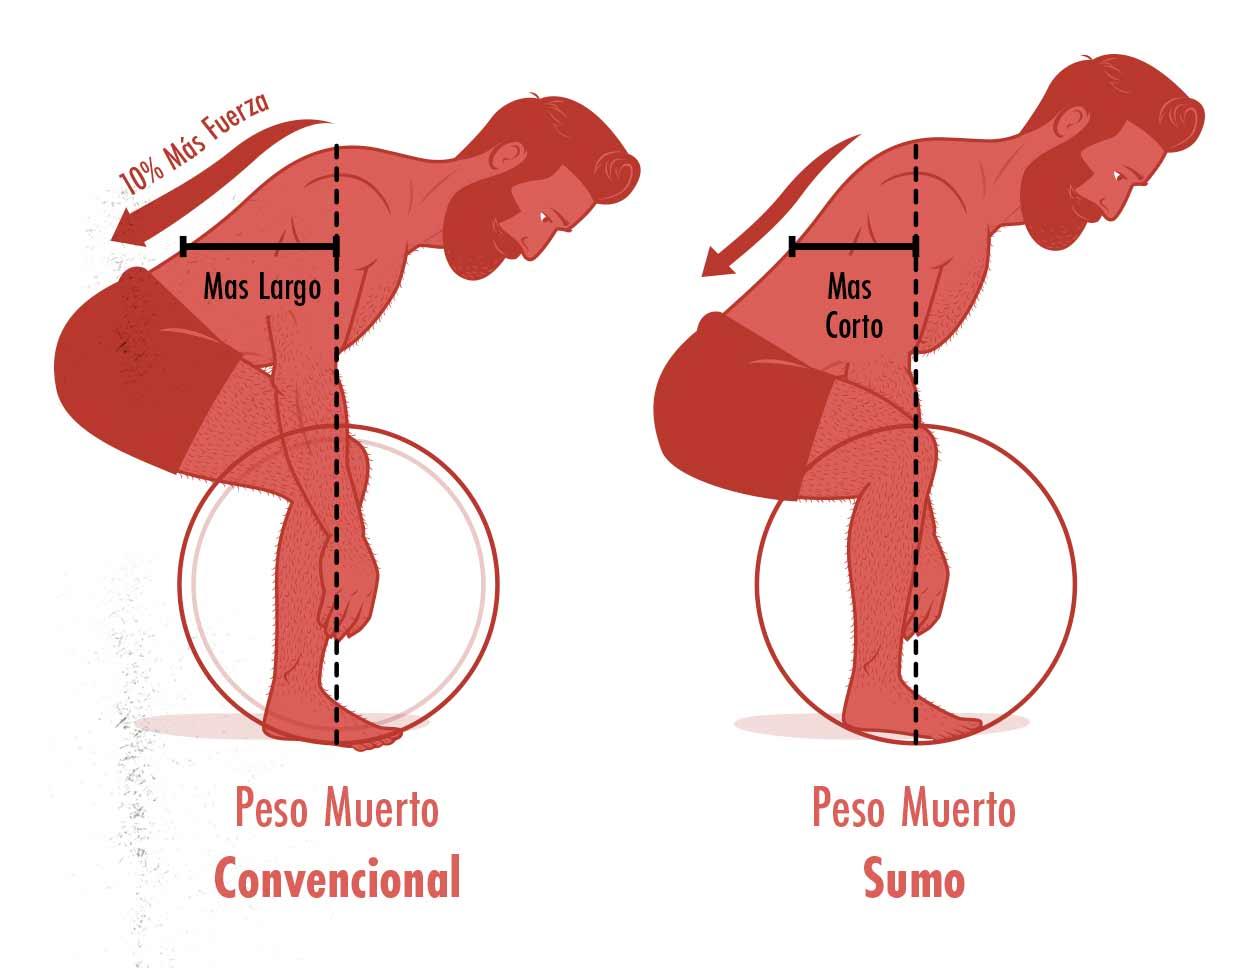 Ilustración de la diferencia en la demanda del peso muerto convencional y el peso muerto sumo.